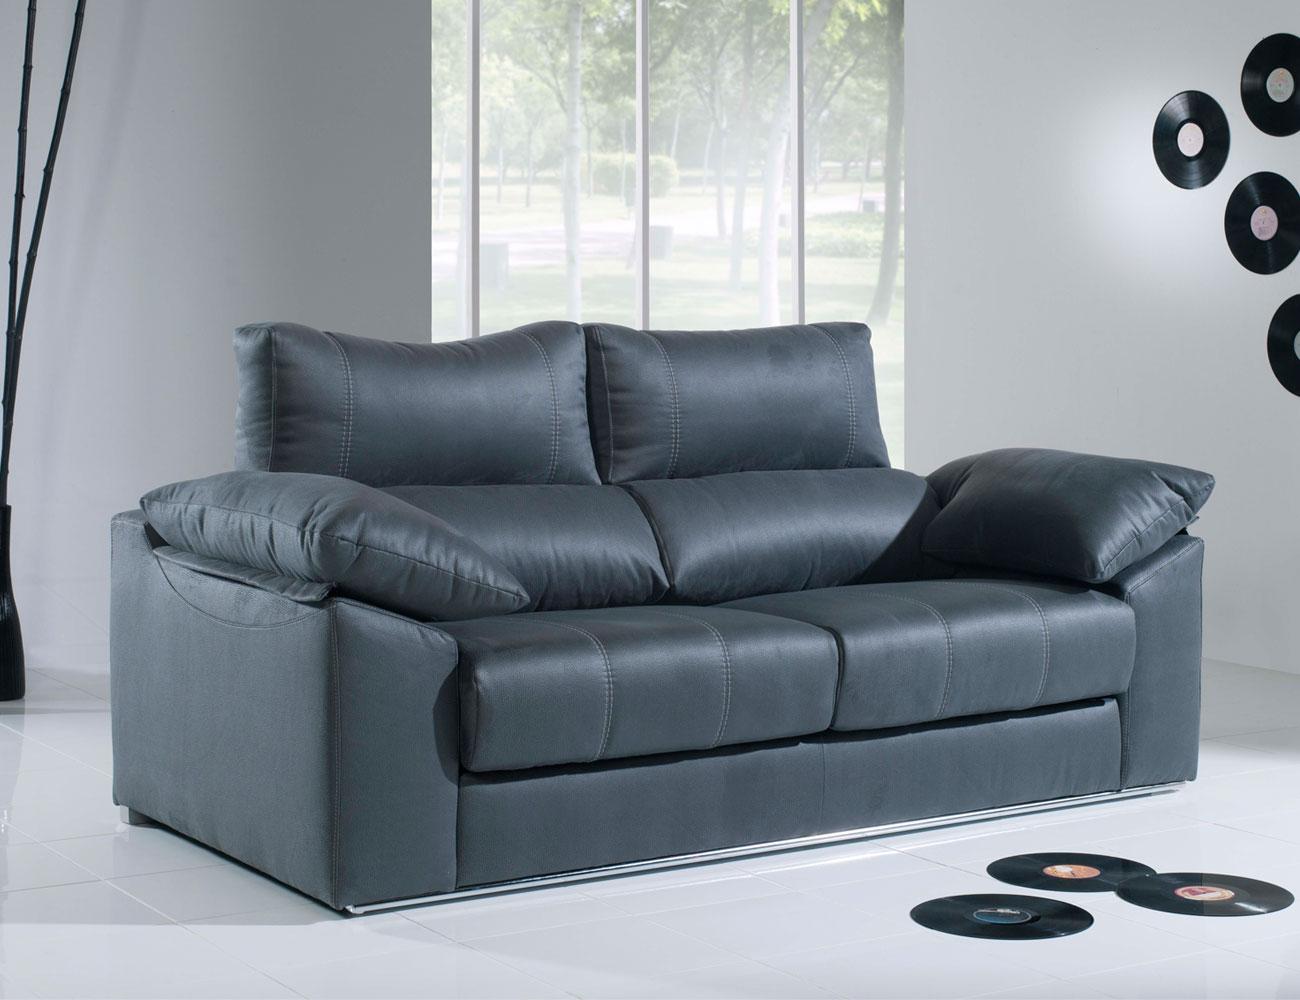 Sofa 3 plazas moderno con barra38